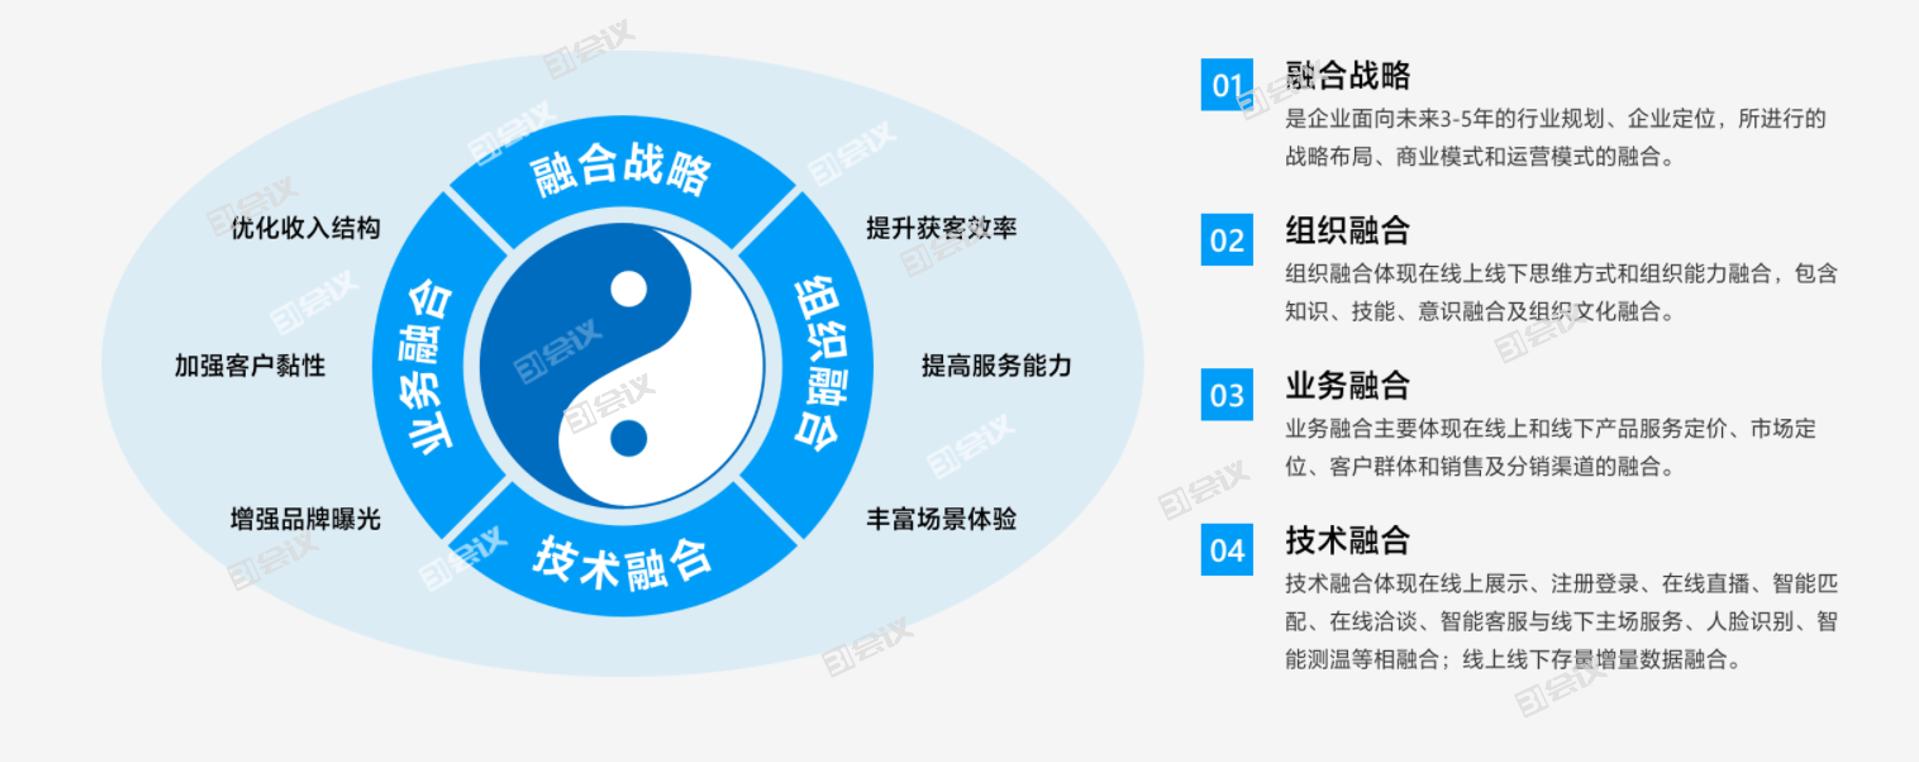 31会议 融合会展落地执行 31展览云.png